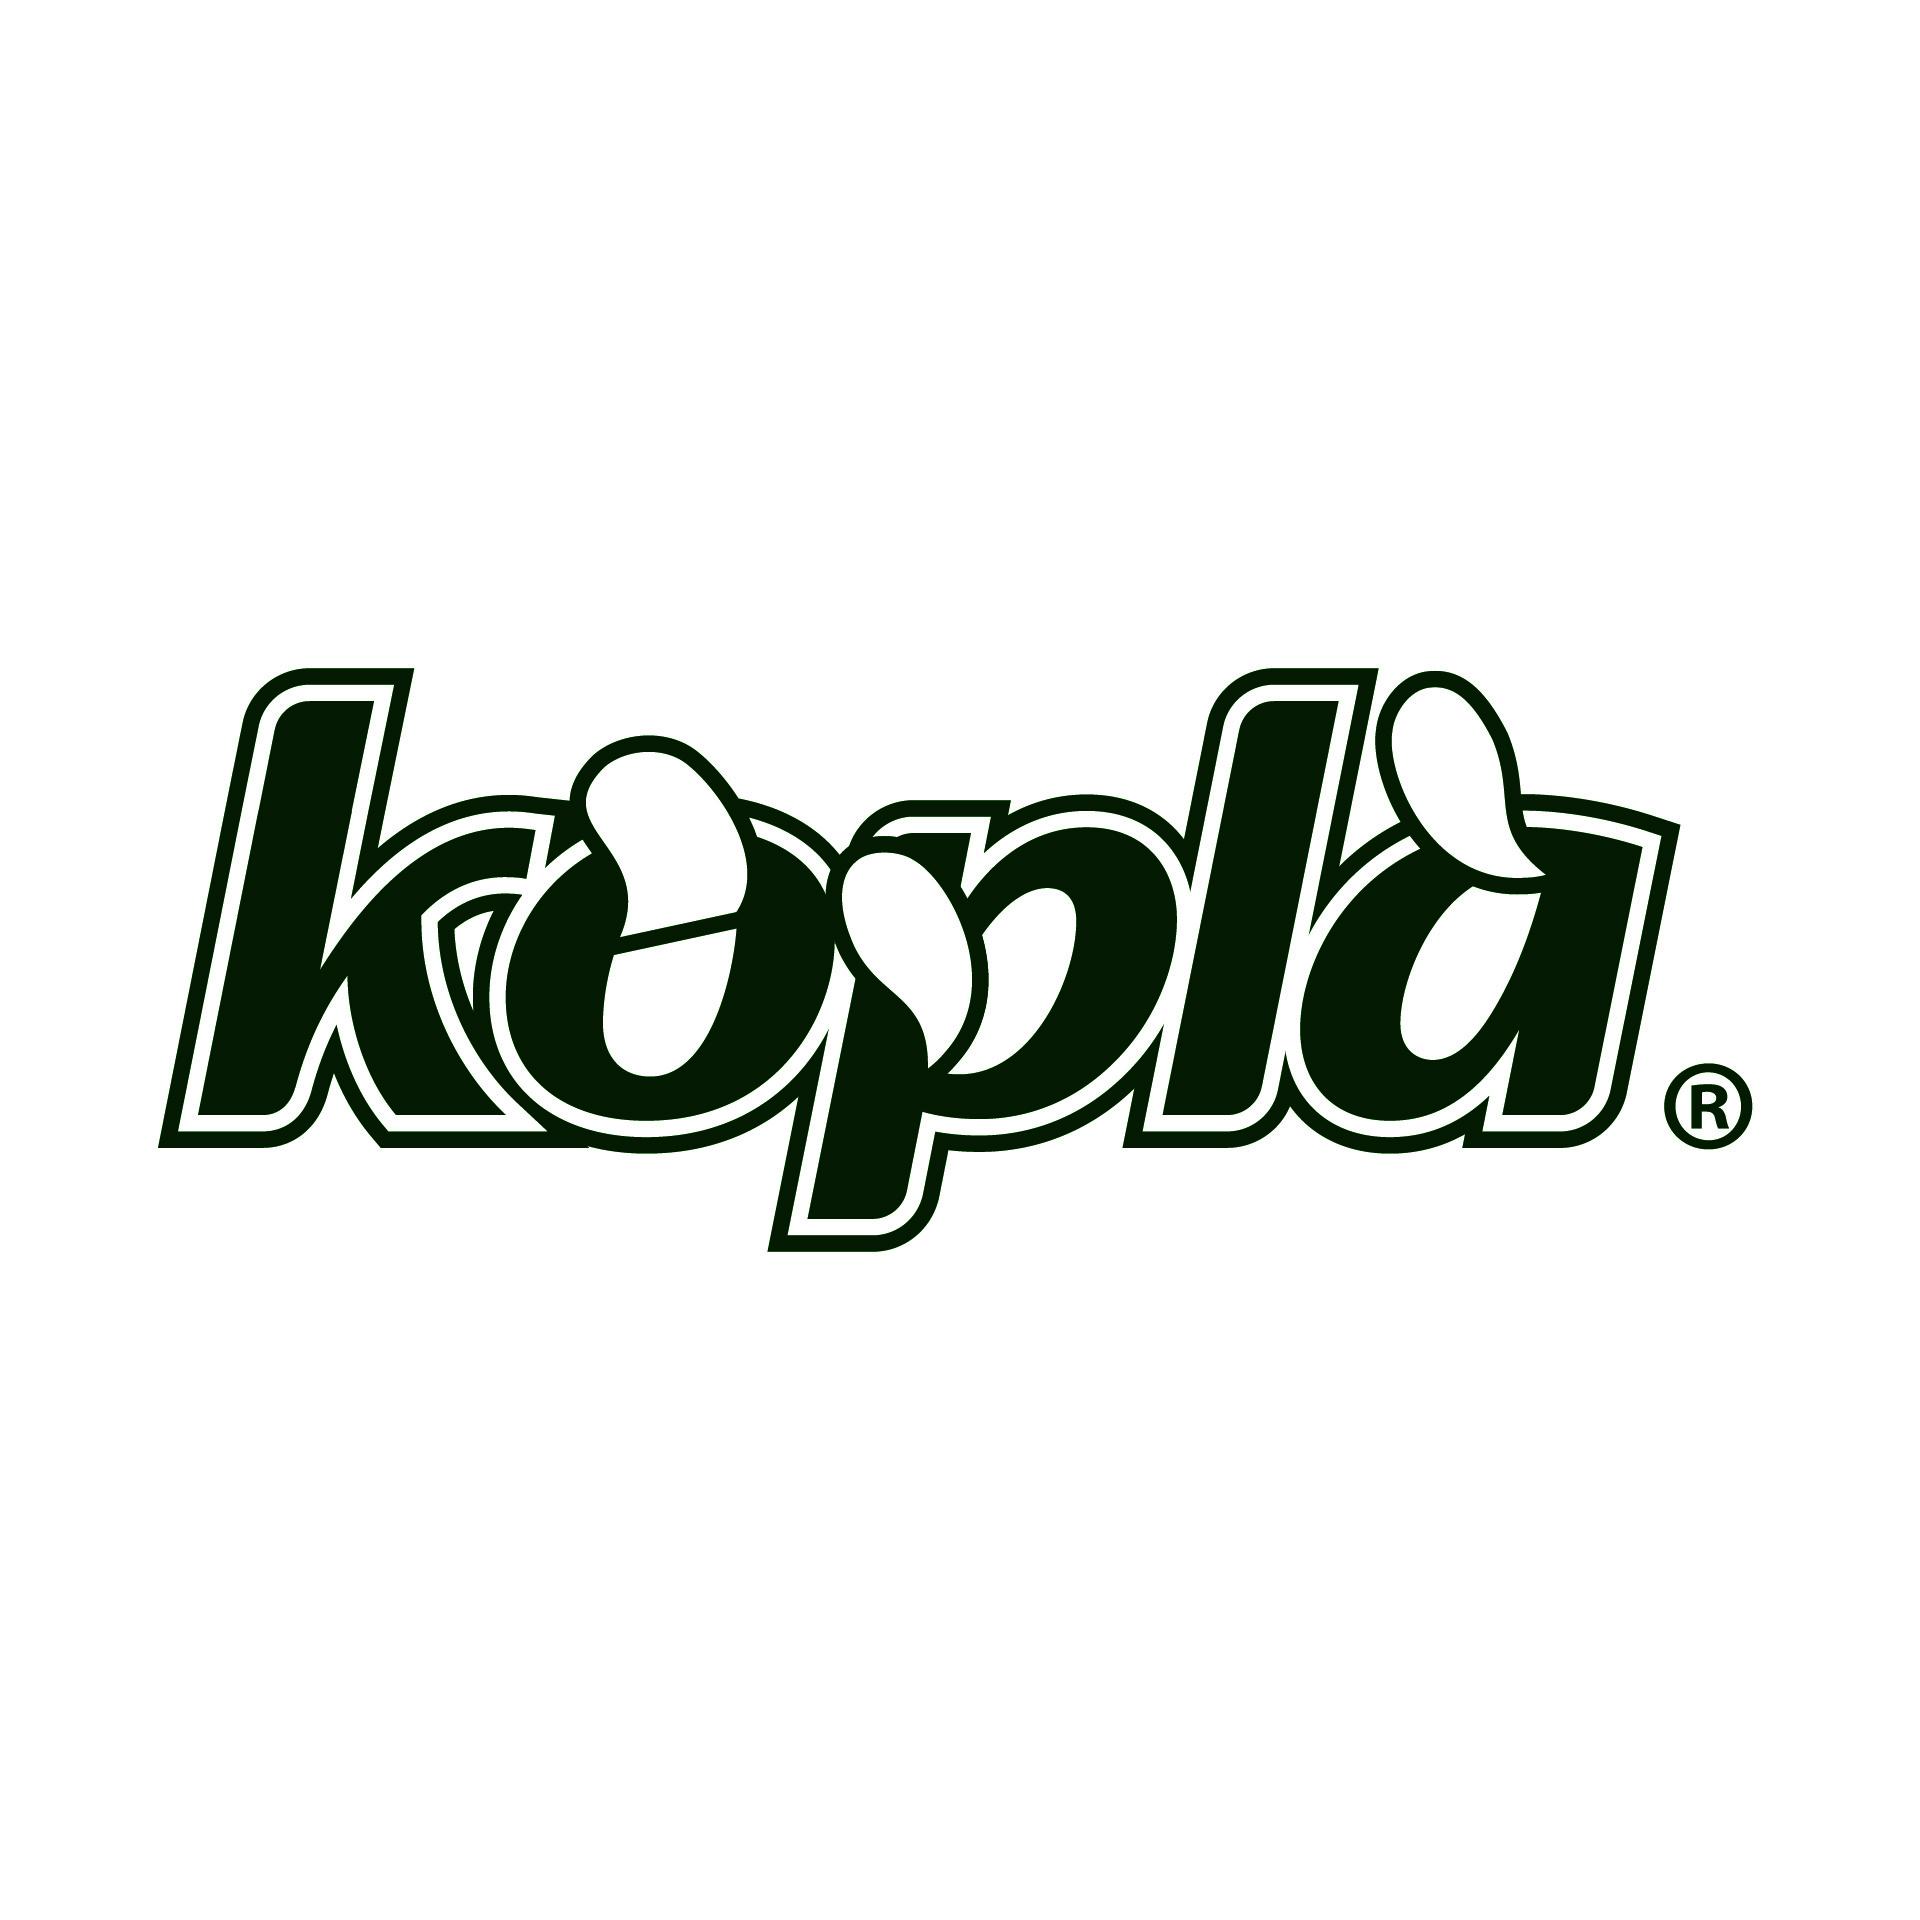 Diseño de Identidad Visual y Logotipo para la marca Kopla